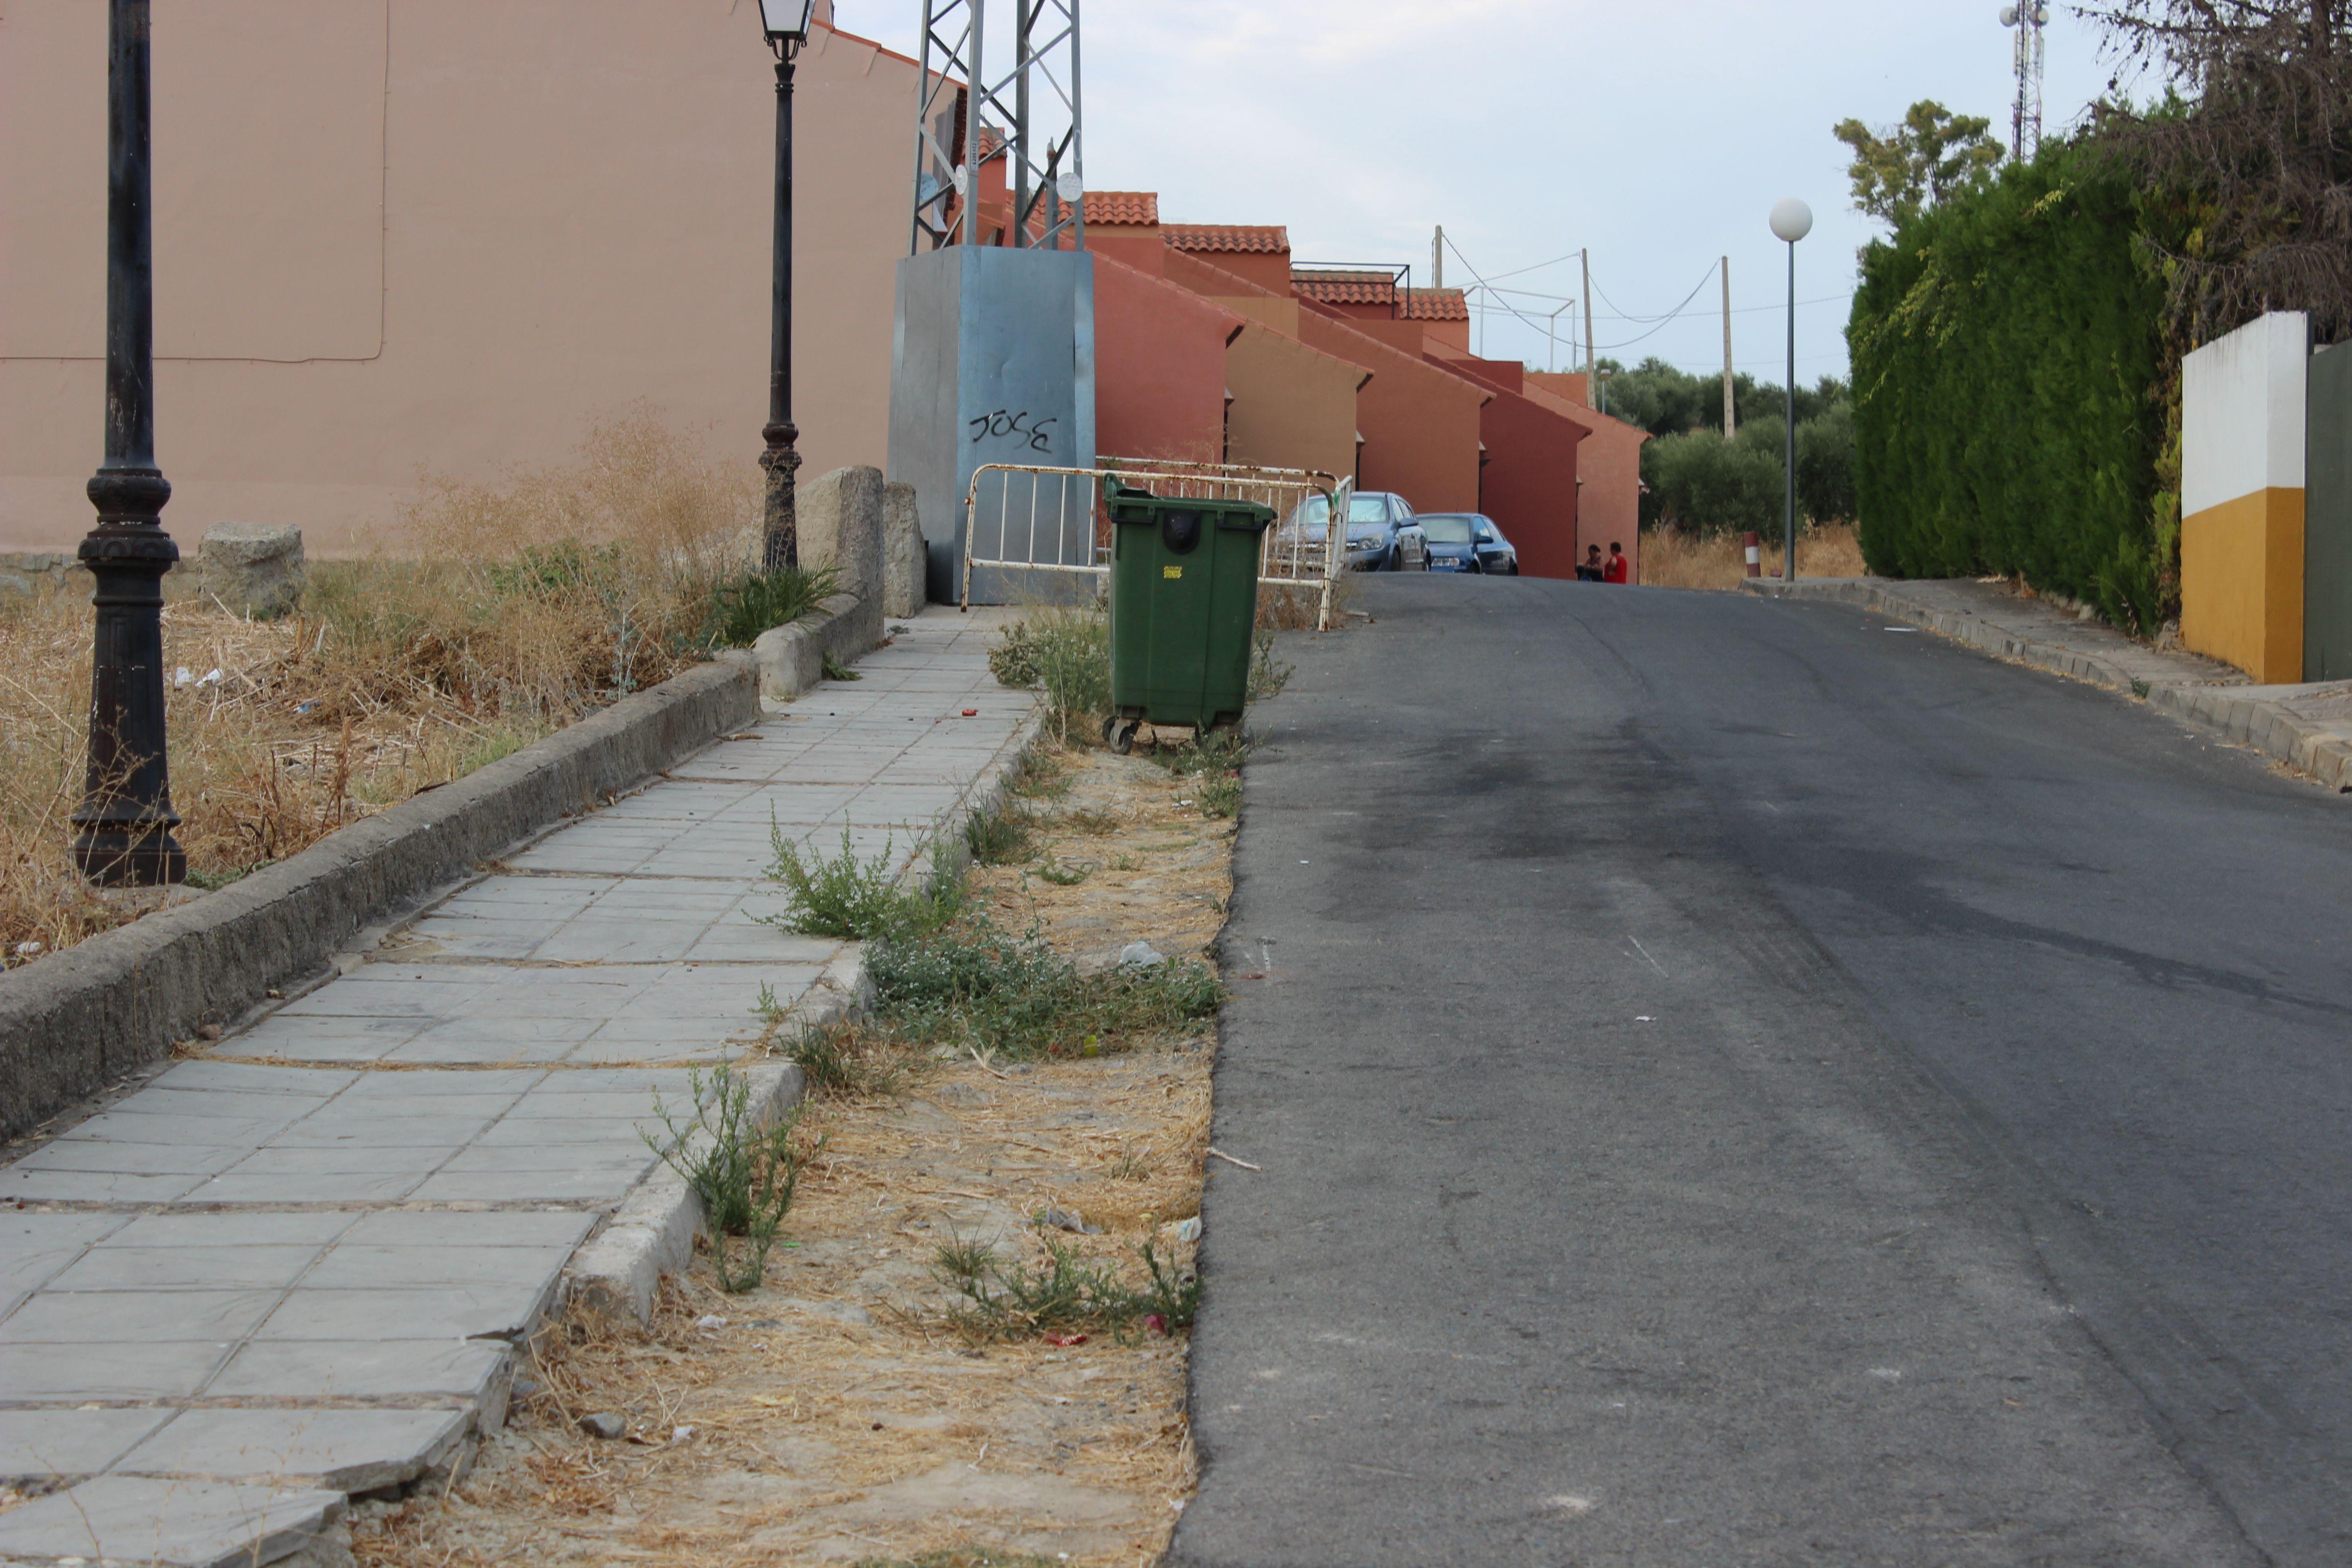 """Puerta trasera de salida C.E.I.P. """"Virgilio Fernández Pérez"""" - Salida de niños/as del colegio. 18/09/2013"""